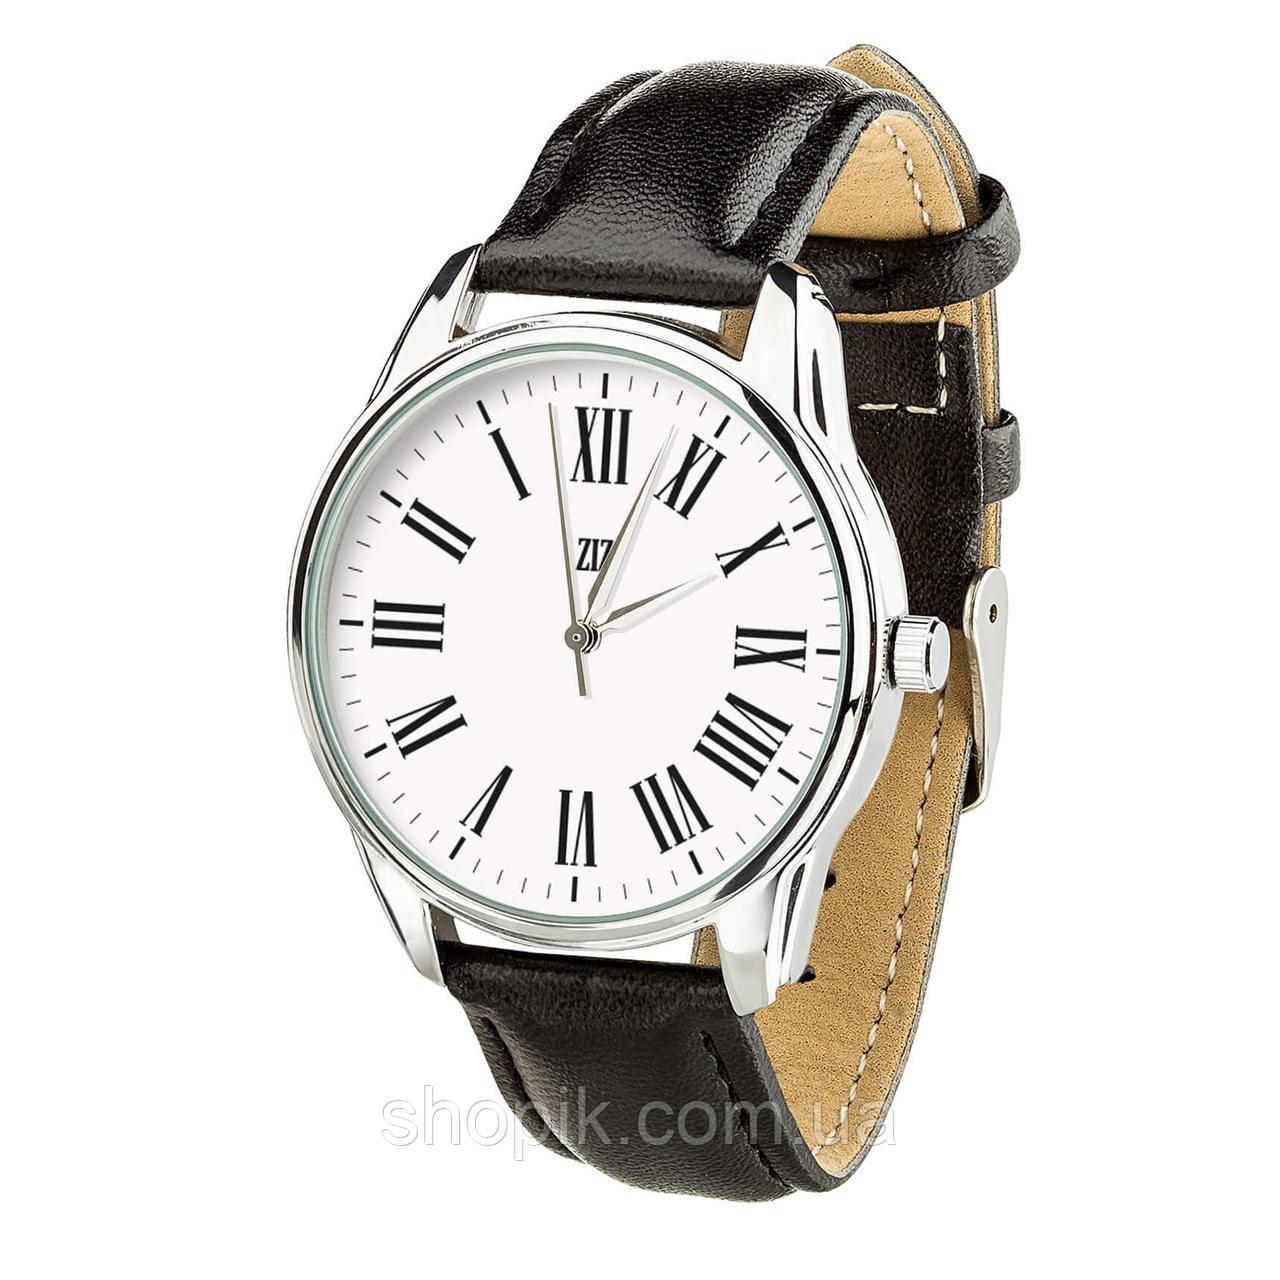 Часы ZIZ с обратным ходом Возвращение (ремешок насыщенно - черный, серебро) + дополнительный ремешок SHOPIK